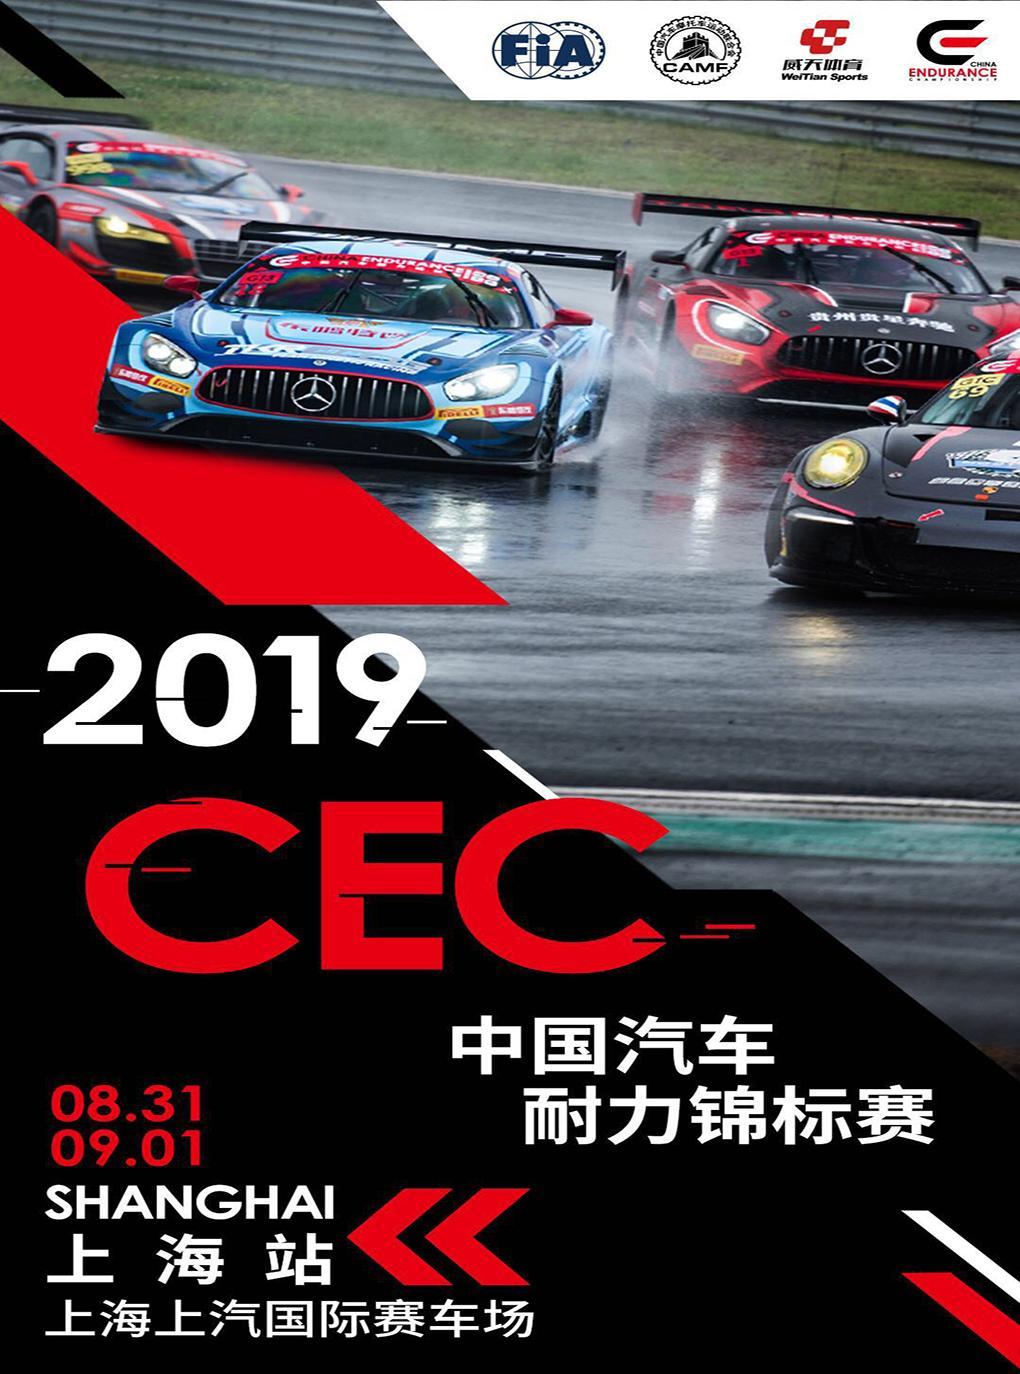 CEC中国汽车耐力锦标赛 早鸟特惠